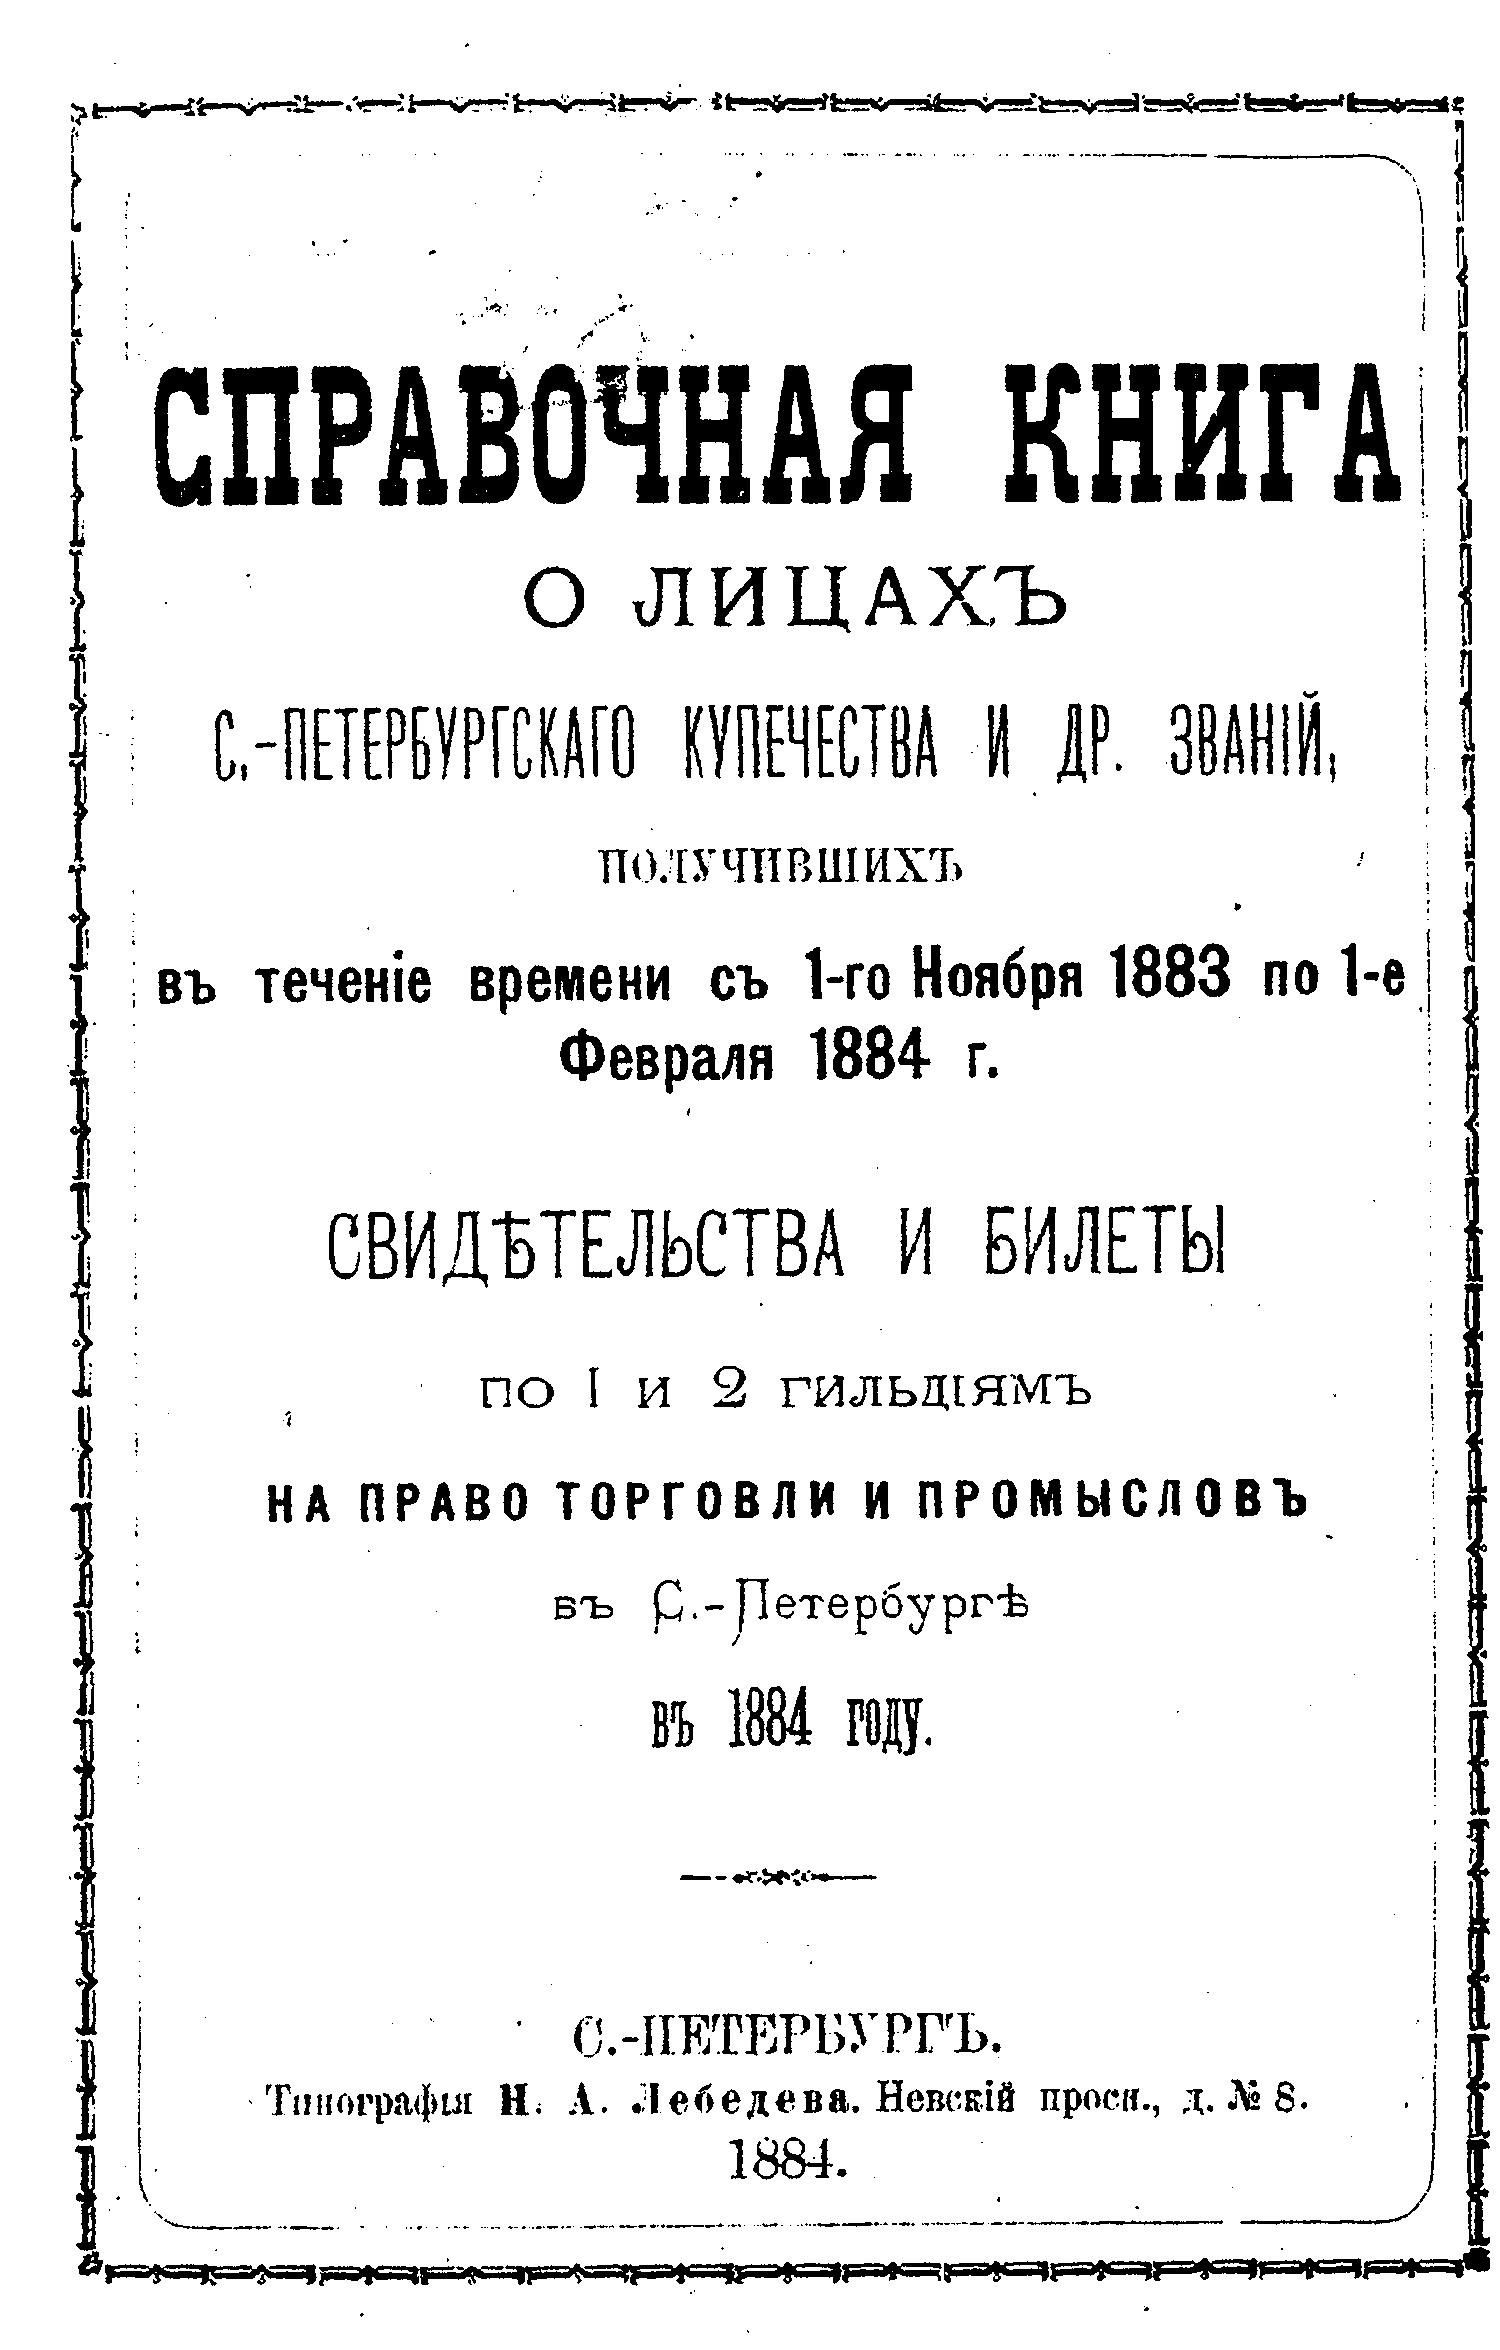 Коллектив авторов Справочная книга о купцах С.-Петербурга на 1884 год цена